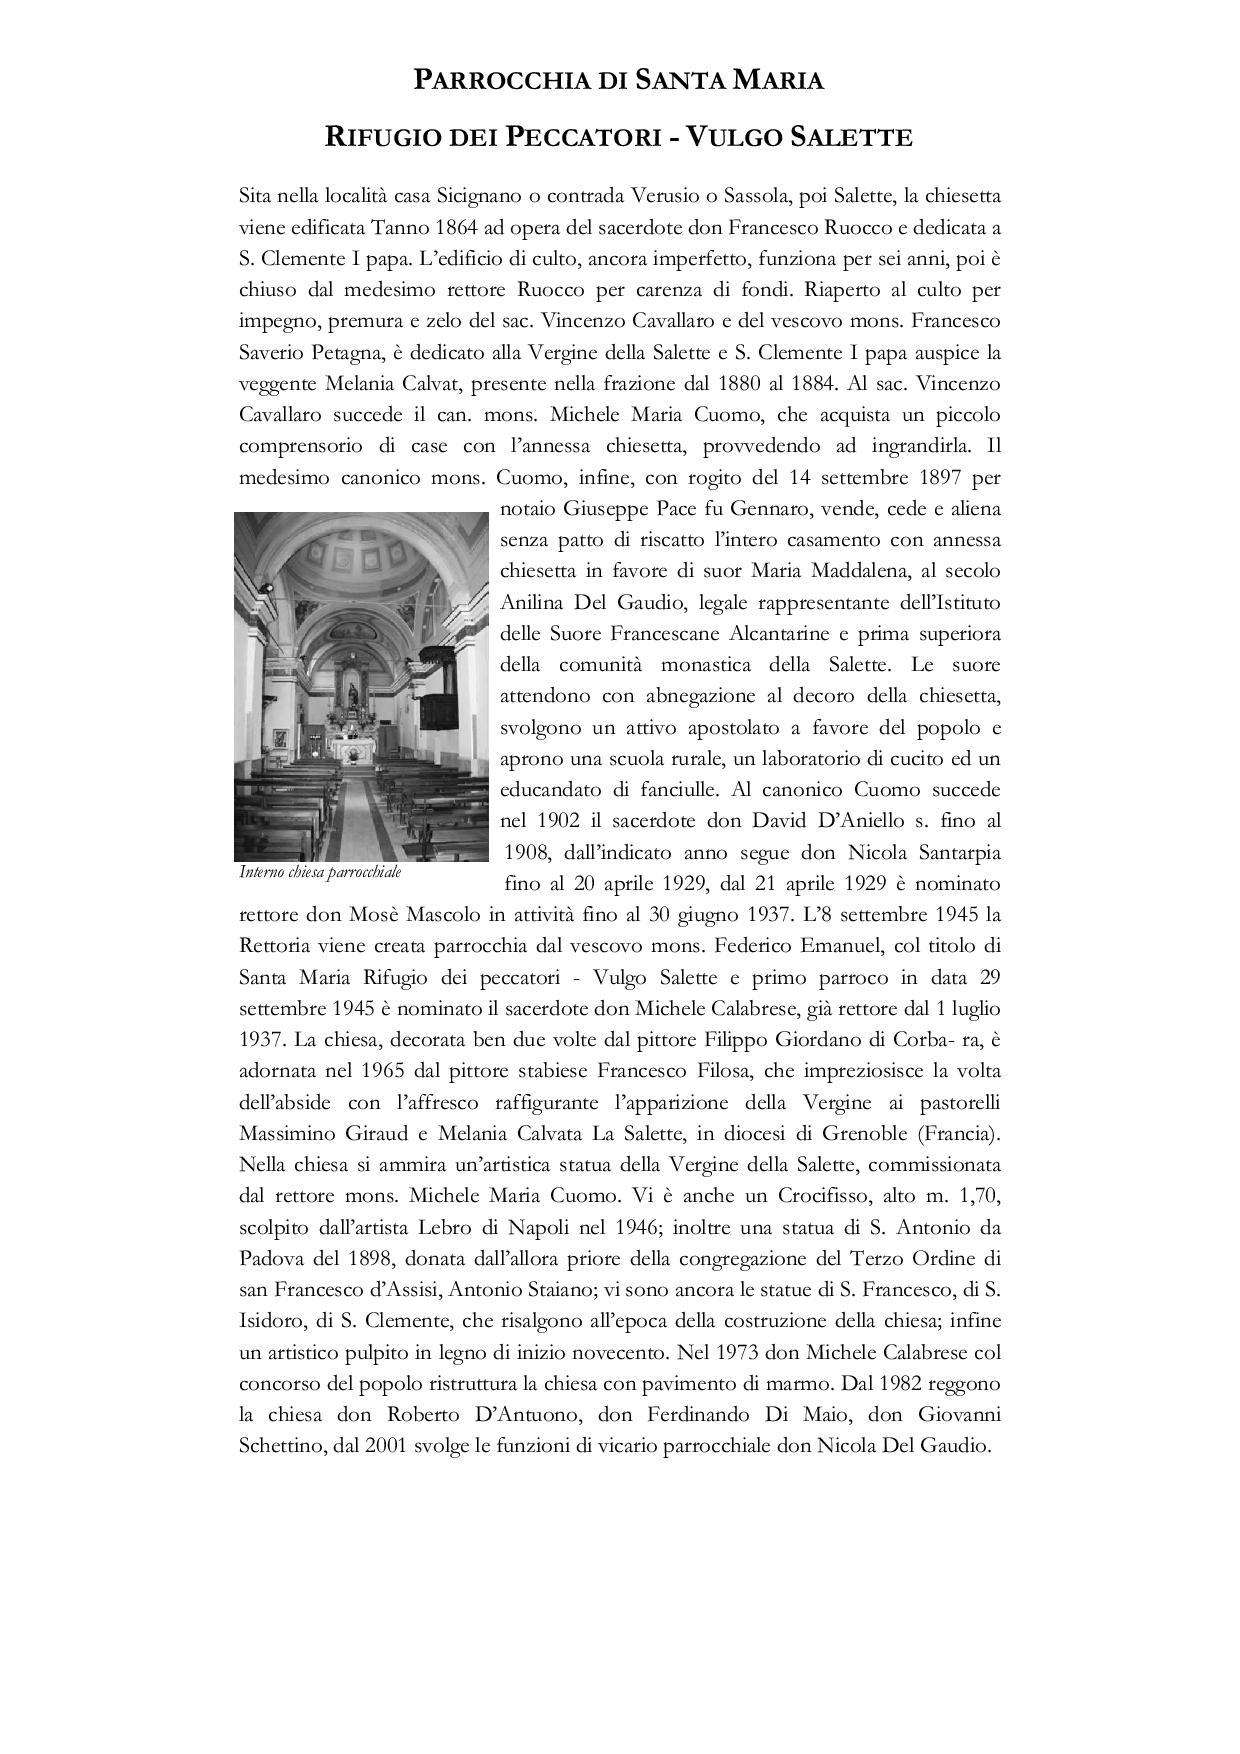 Parrocchia di Santa Maria Rifugio dei Peccatori - Vulgo Salette